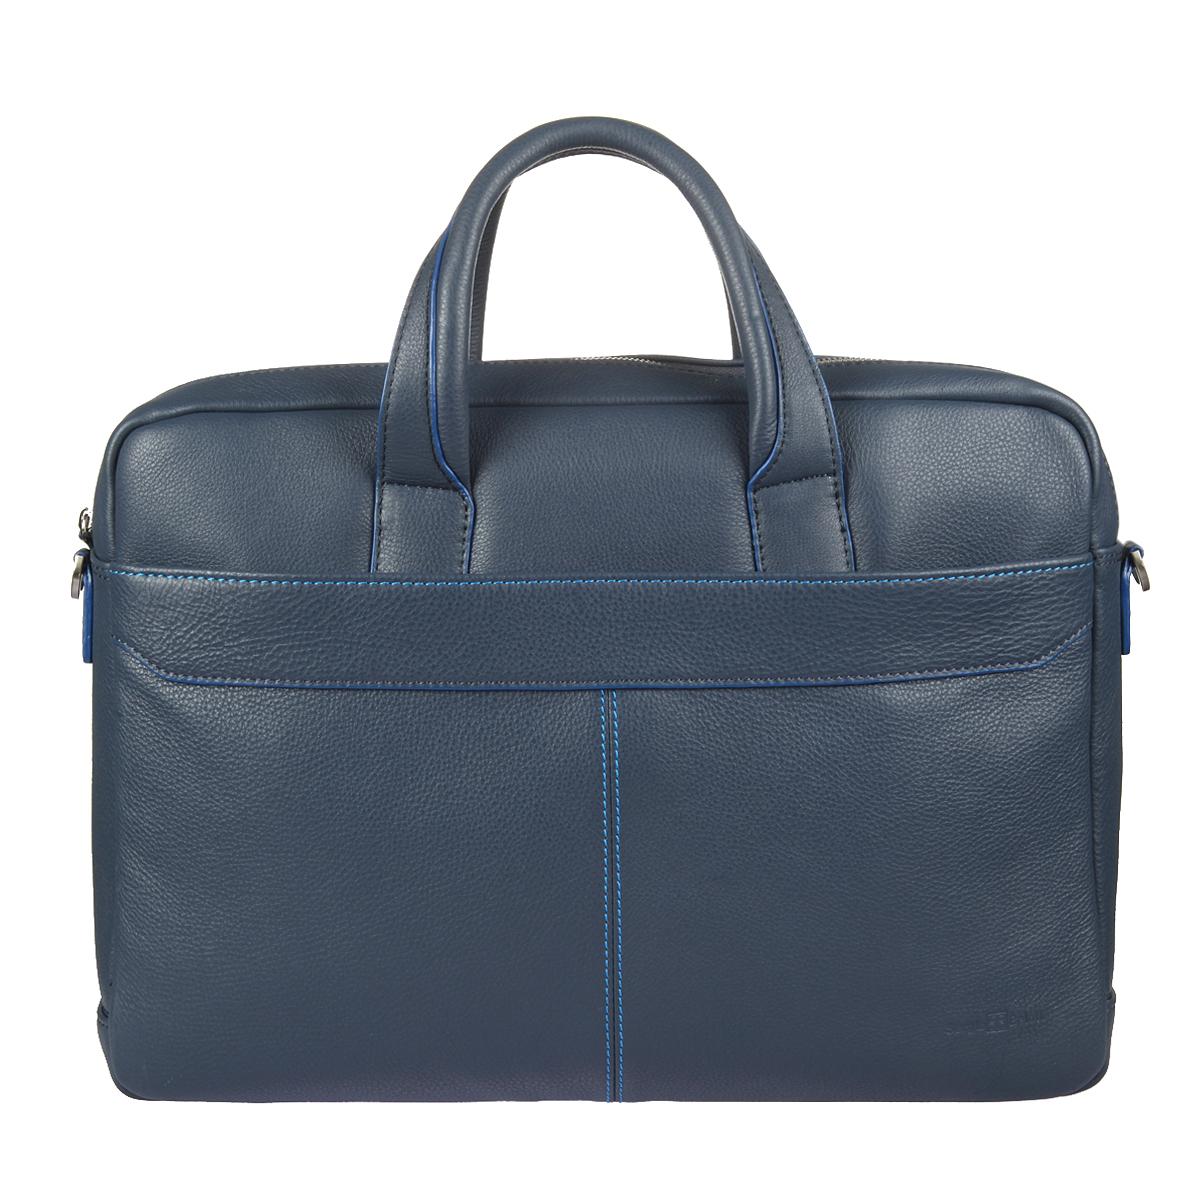 Бизнес-сумка мужская Sergio Belotti, цвет: синий. 9485 indigo jeans9485 indigo jeansБизнес-сумка мужская Sergio Belotti выполнена из натуральной кожи синего цвета и закрывается на металлическую застежку-молнию. Сумка состоит из одно вместительного отделения, внутри которого имеются прорезной карман на застежке молнии и уплотненный карман-отделение для документов формата А4, планшета или небольшого ноутбука. Данный карман фиксируется клапаном липучке. На лицевой стороне сумки расположен накладной карман на застежке-молнии, внутри которого имеются небольшой кармашек для мобильного телефона, два фиксатора для ручек и четыре отделения для визиток и пластиковых карт. На задней стенке расположен продольный прорезной карман, также закрывающийся на застежку-молнию. Сумка имеет ремень, регулируемый по длине, также к ней прилагается фирменный текстильный чехол для хранения. Этот стильный аксессуар станет изысканным дополнением к вашему образу и отличным подарком!